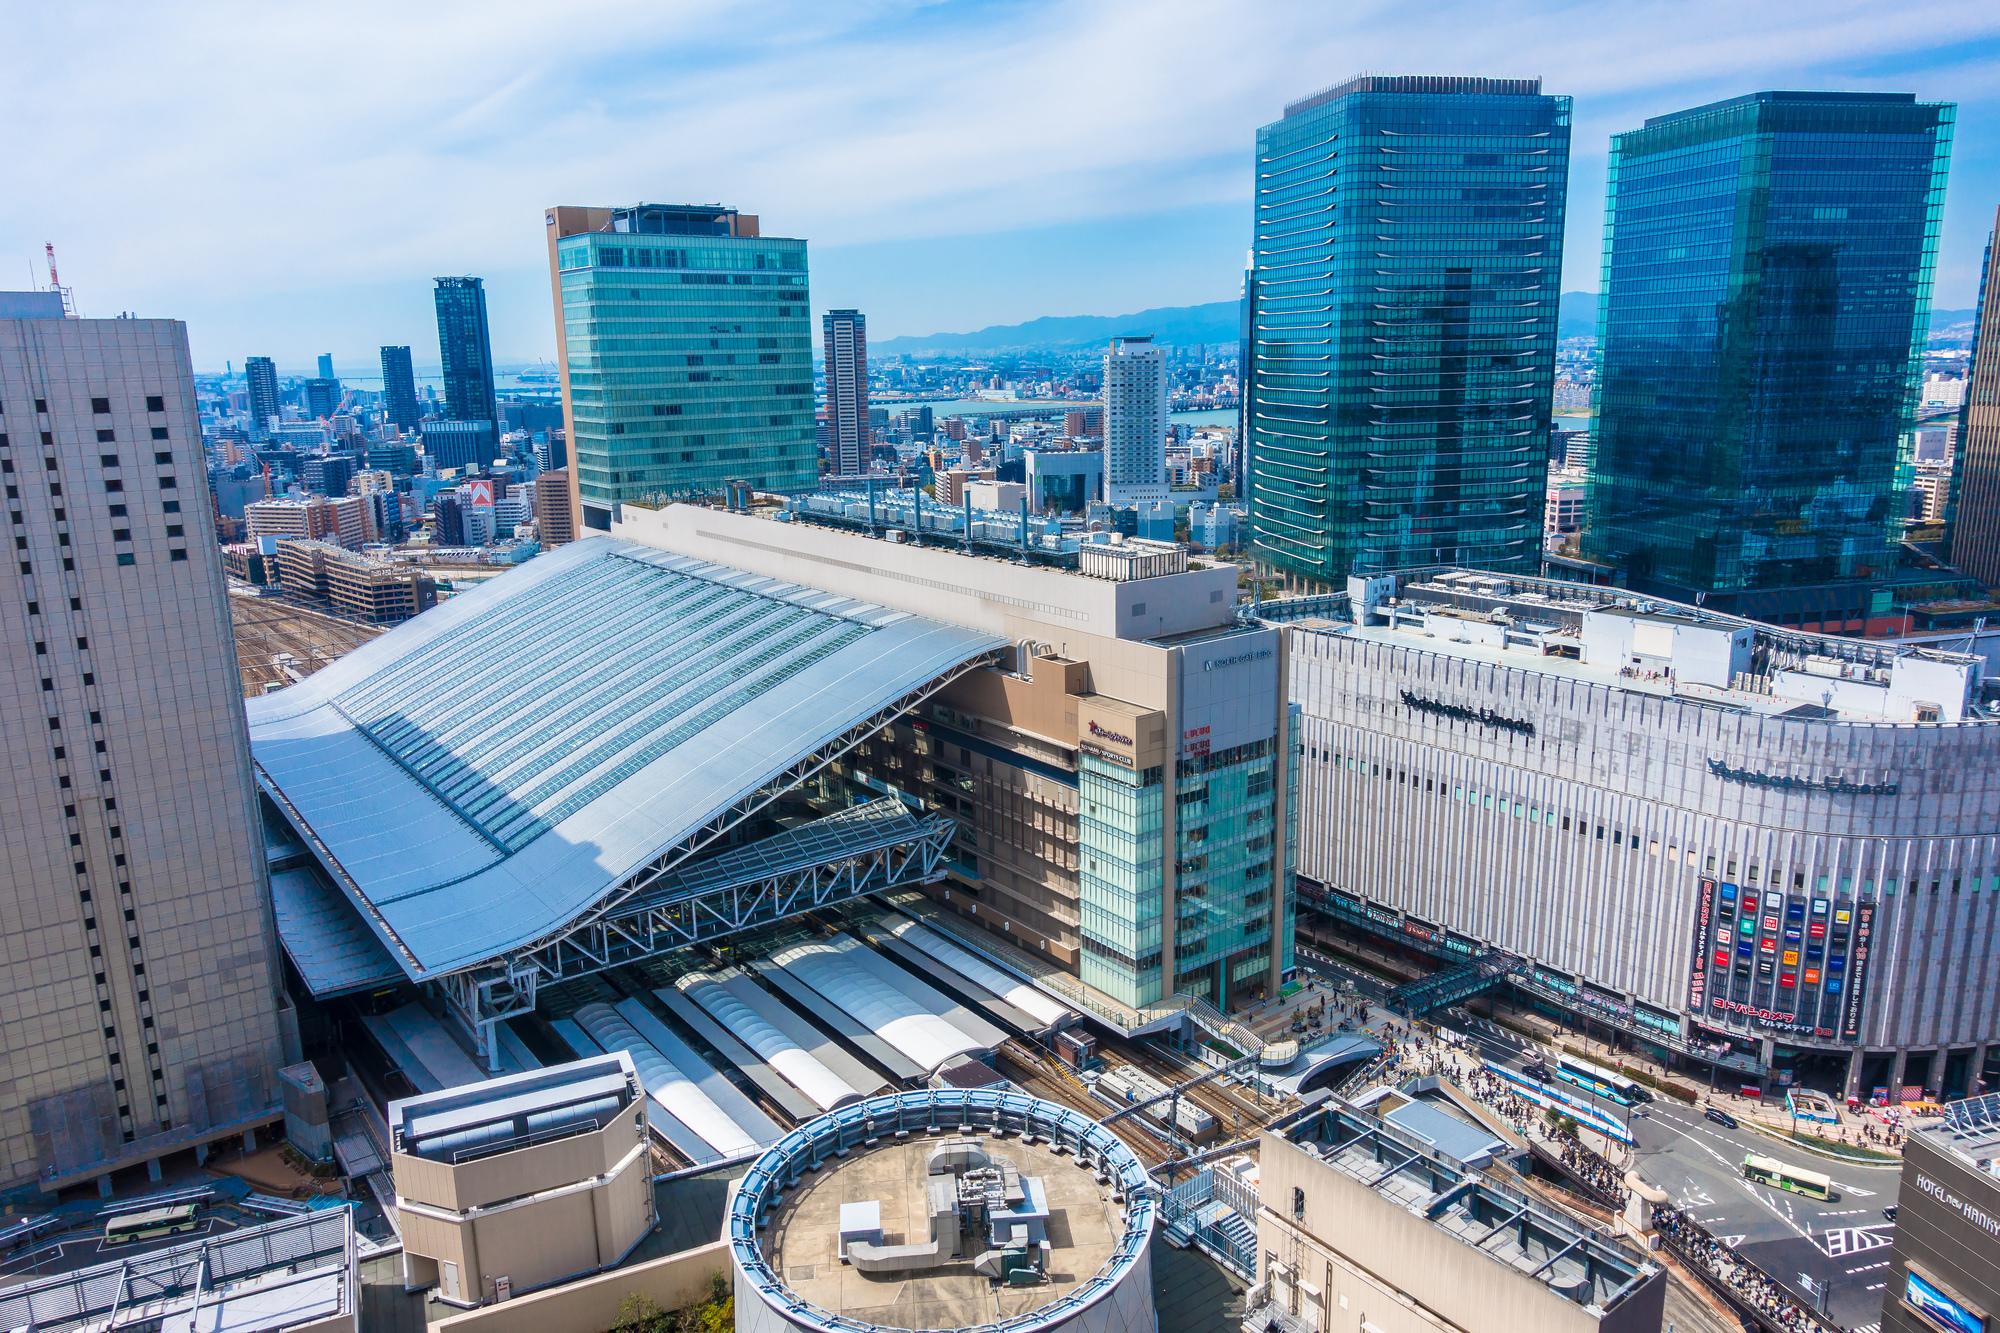 木曜に通院したい方へ!大阪駅の歯医者さん、おすすめポイント紹介